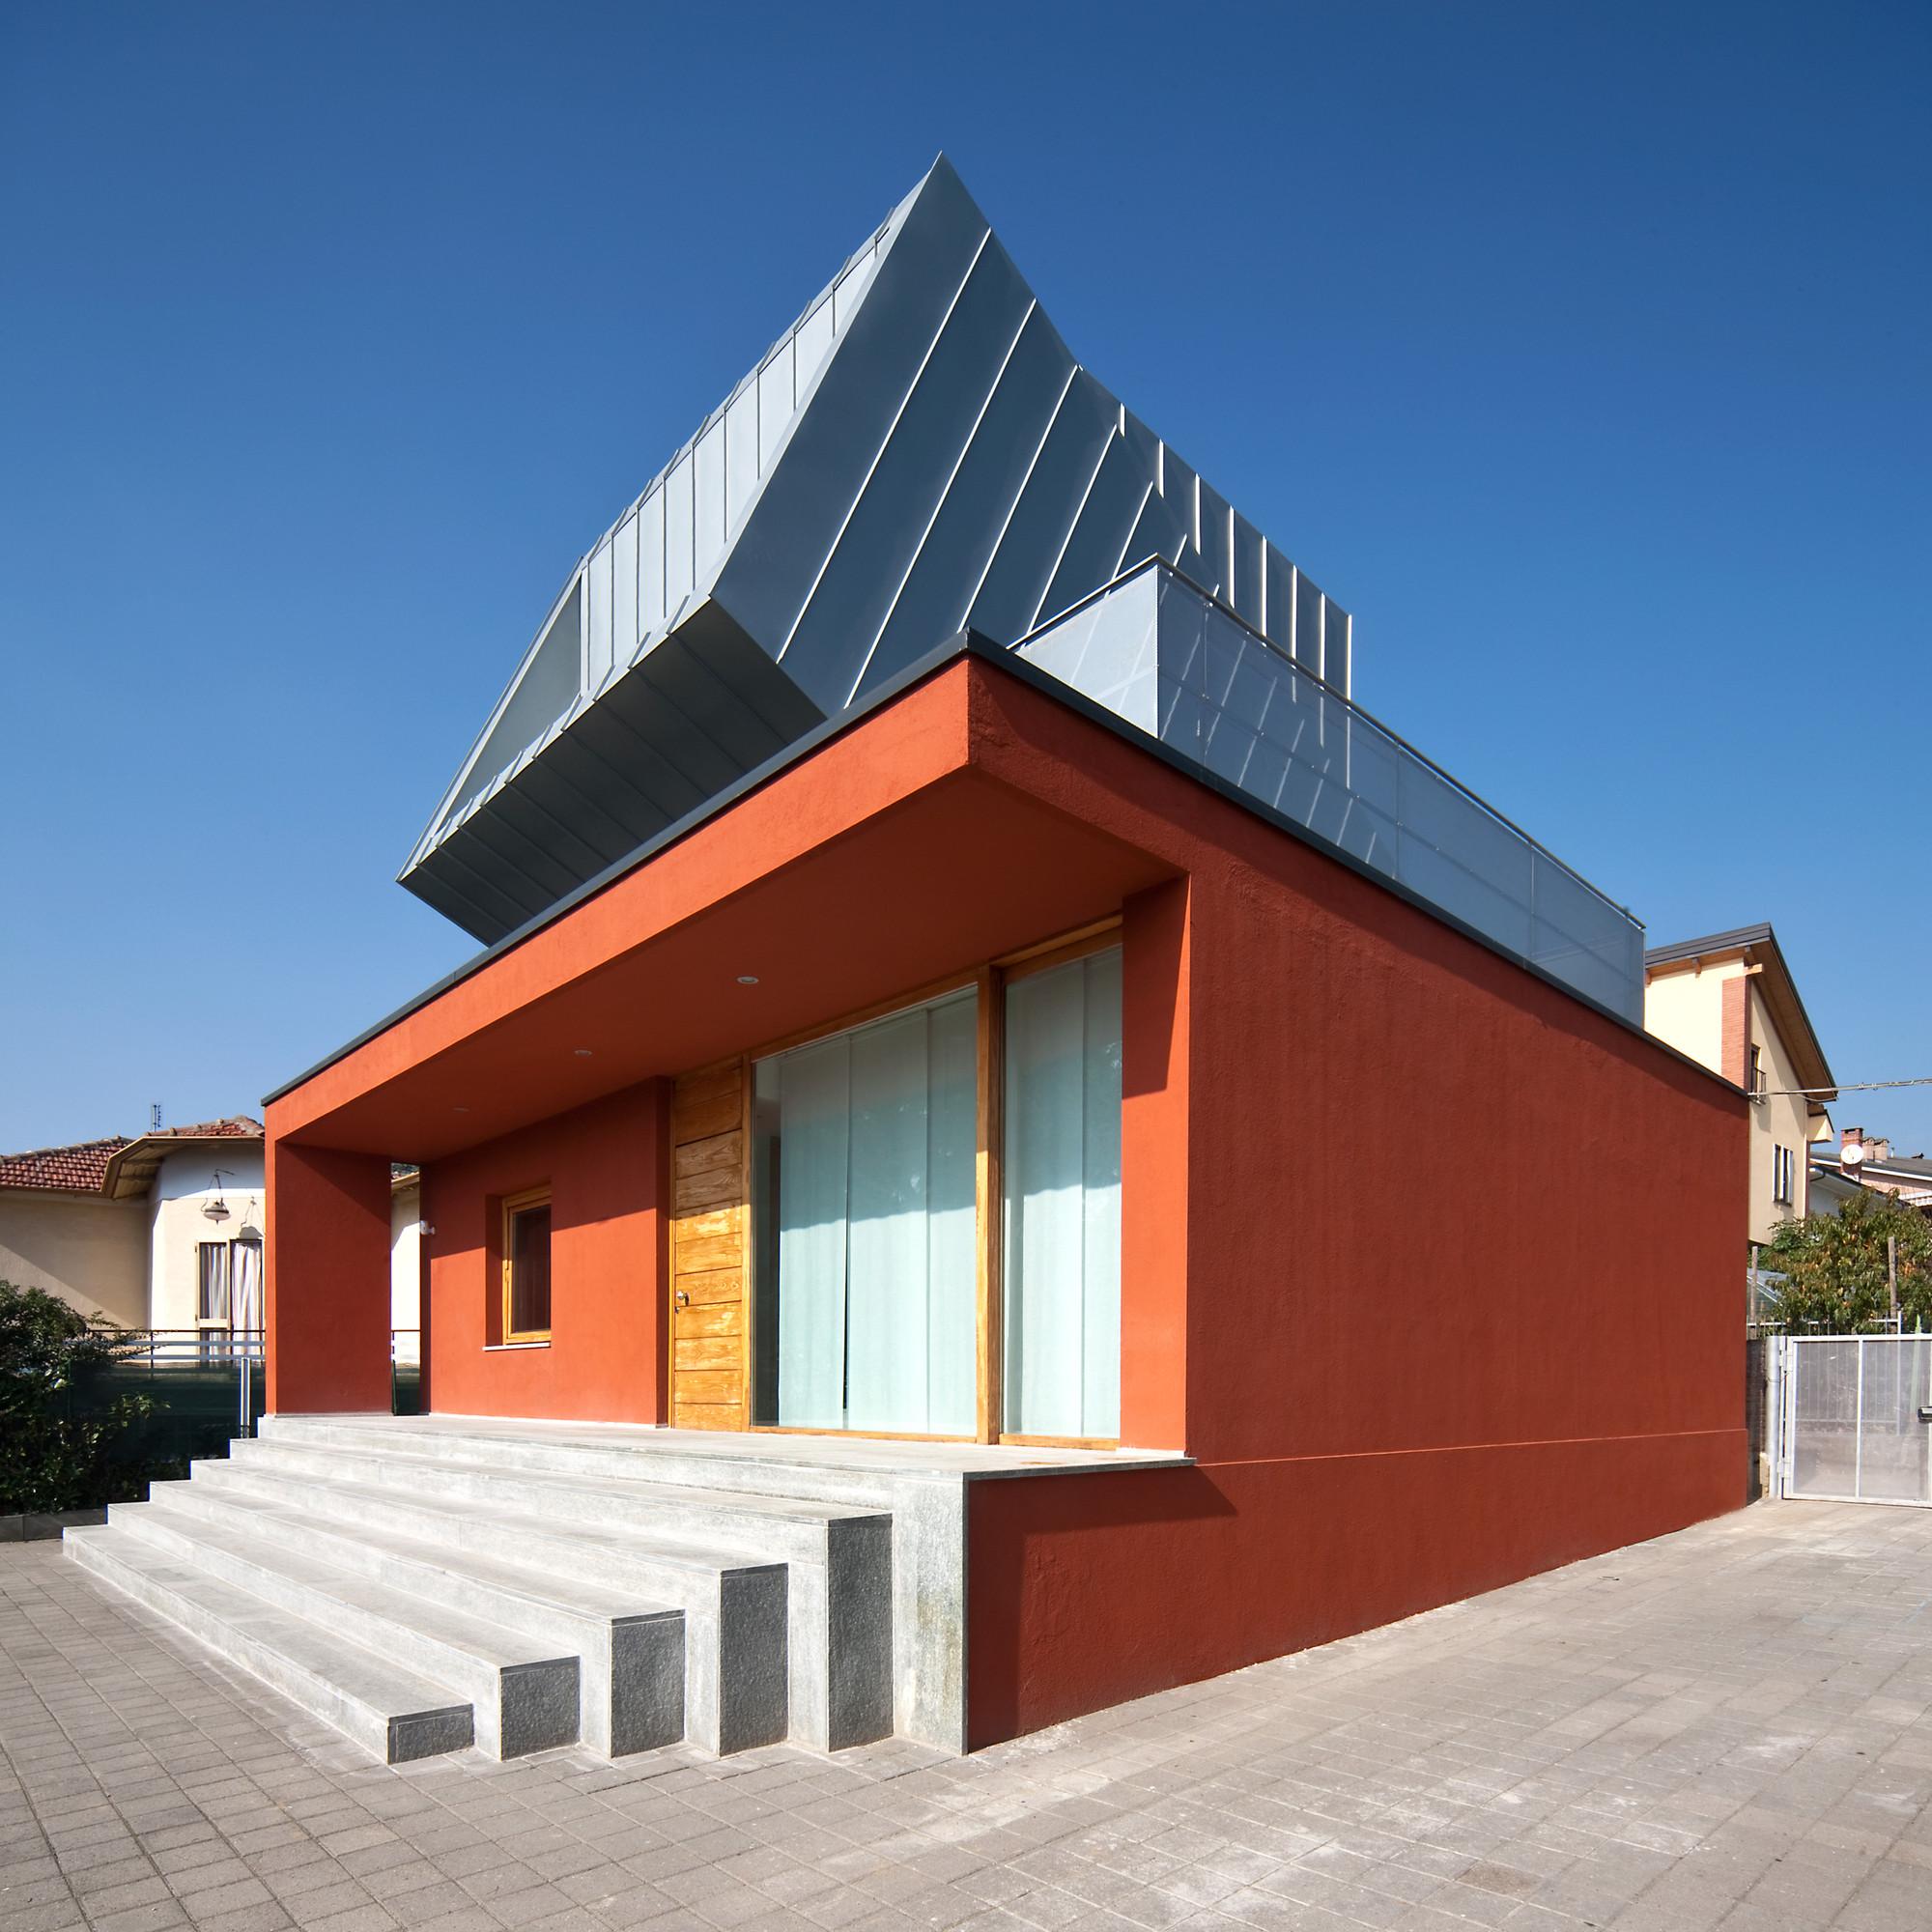 Una casa en una casa / Raimondo Guidacci, © Beppe Giardino